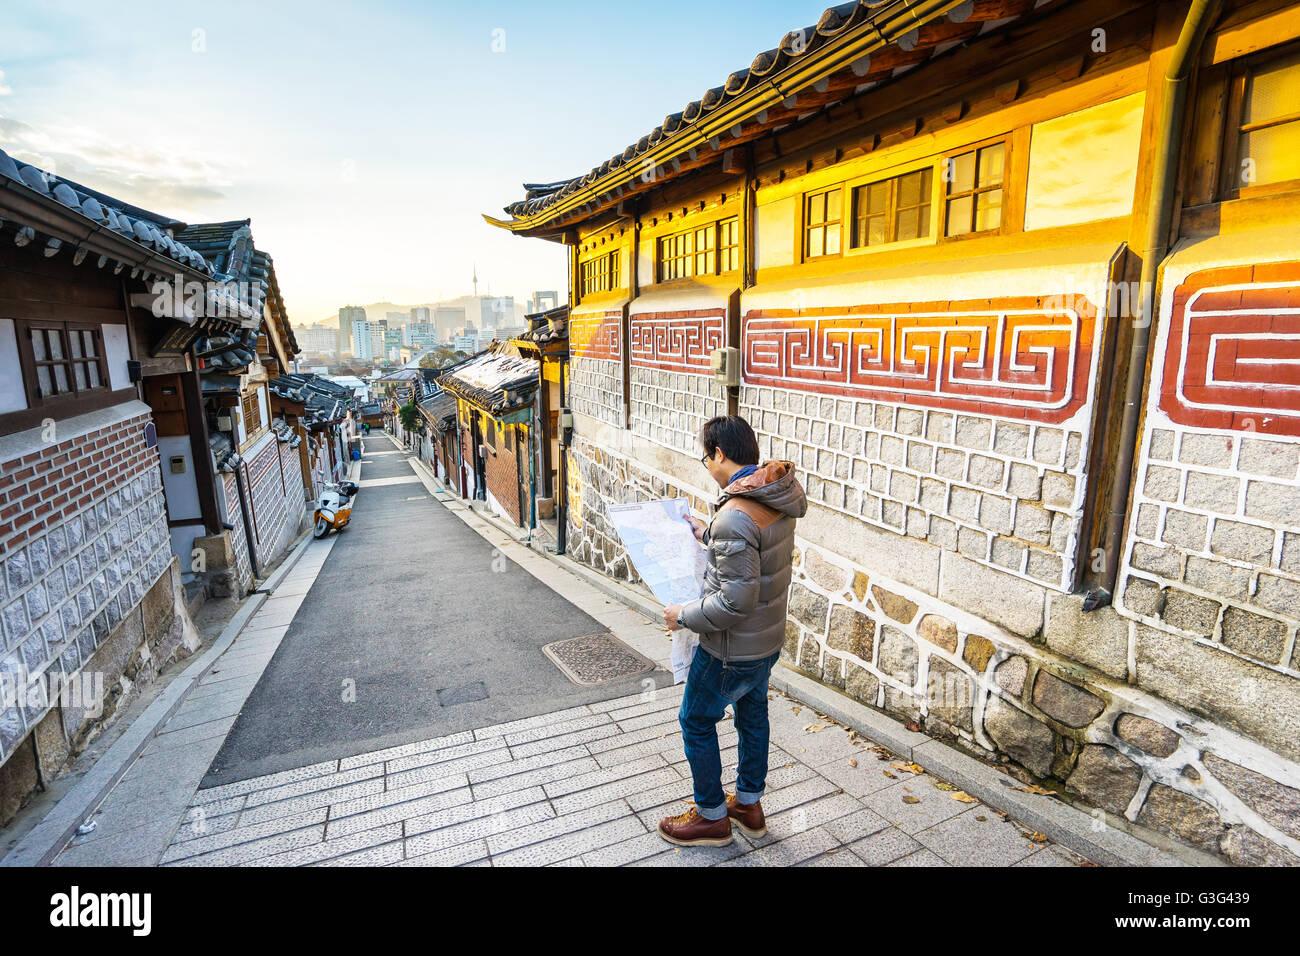 Il Traveler presso il villaggio di Bukchon Hanok a Seul, in Corea del Sud. Immagini Stock